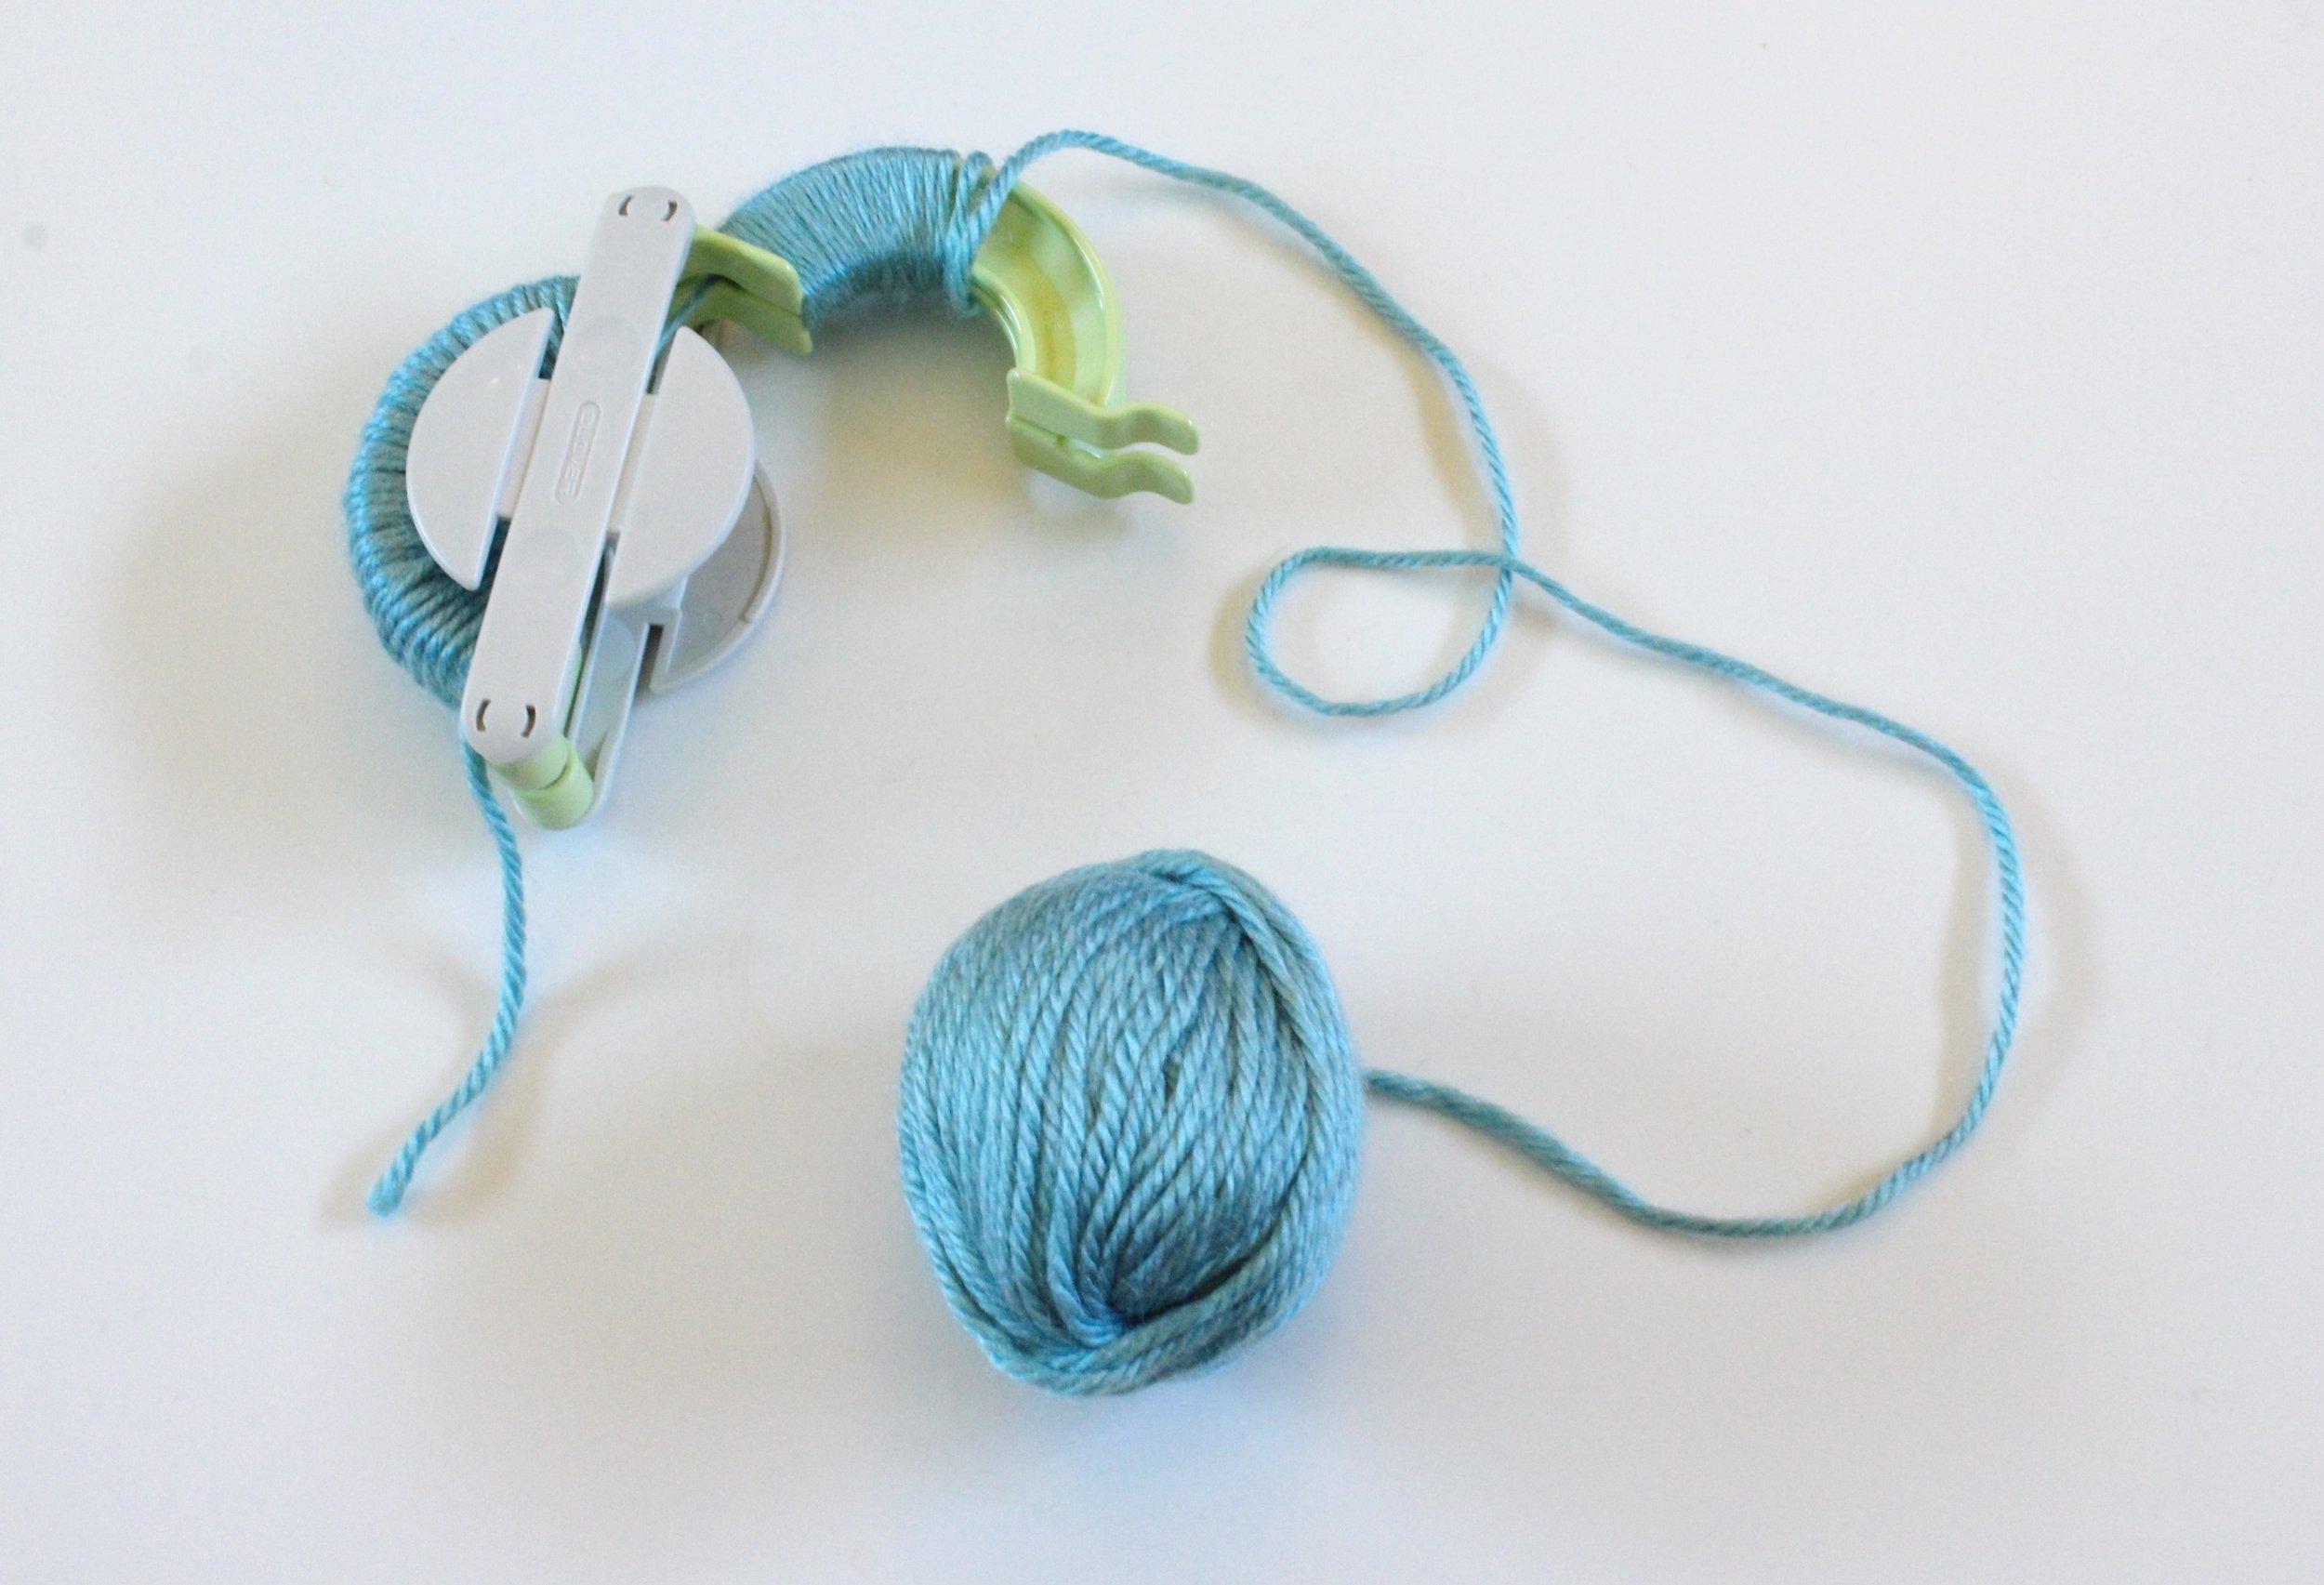 Clover Pom Pom Maker and Sky Blue Yarn